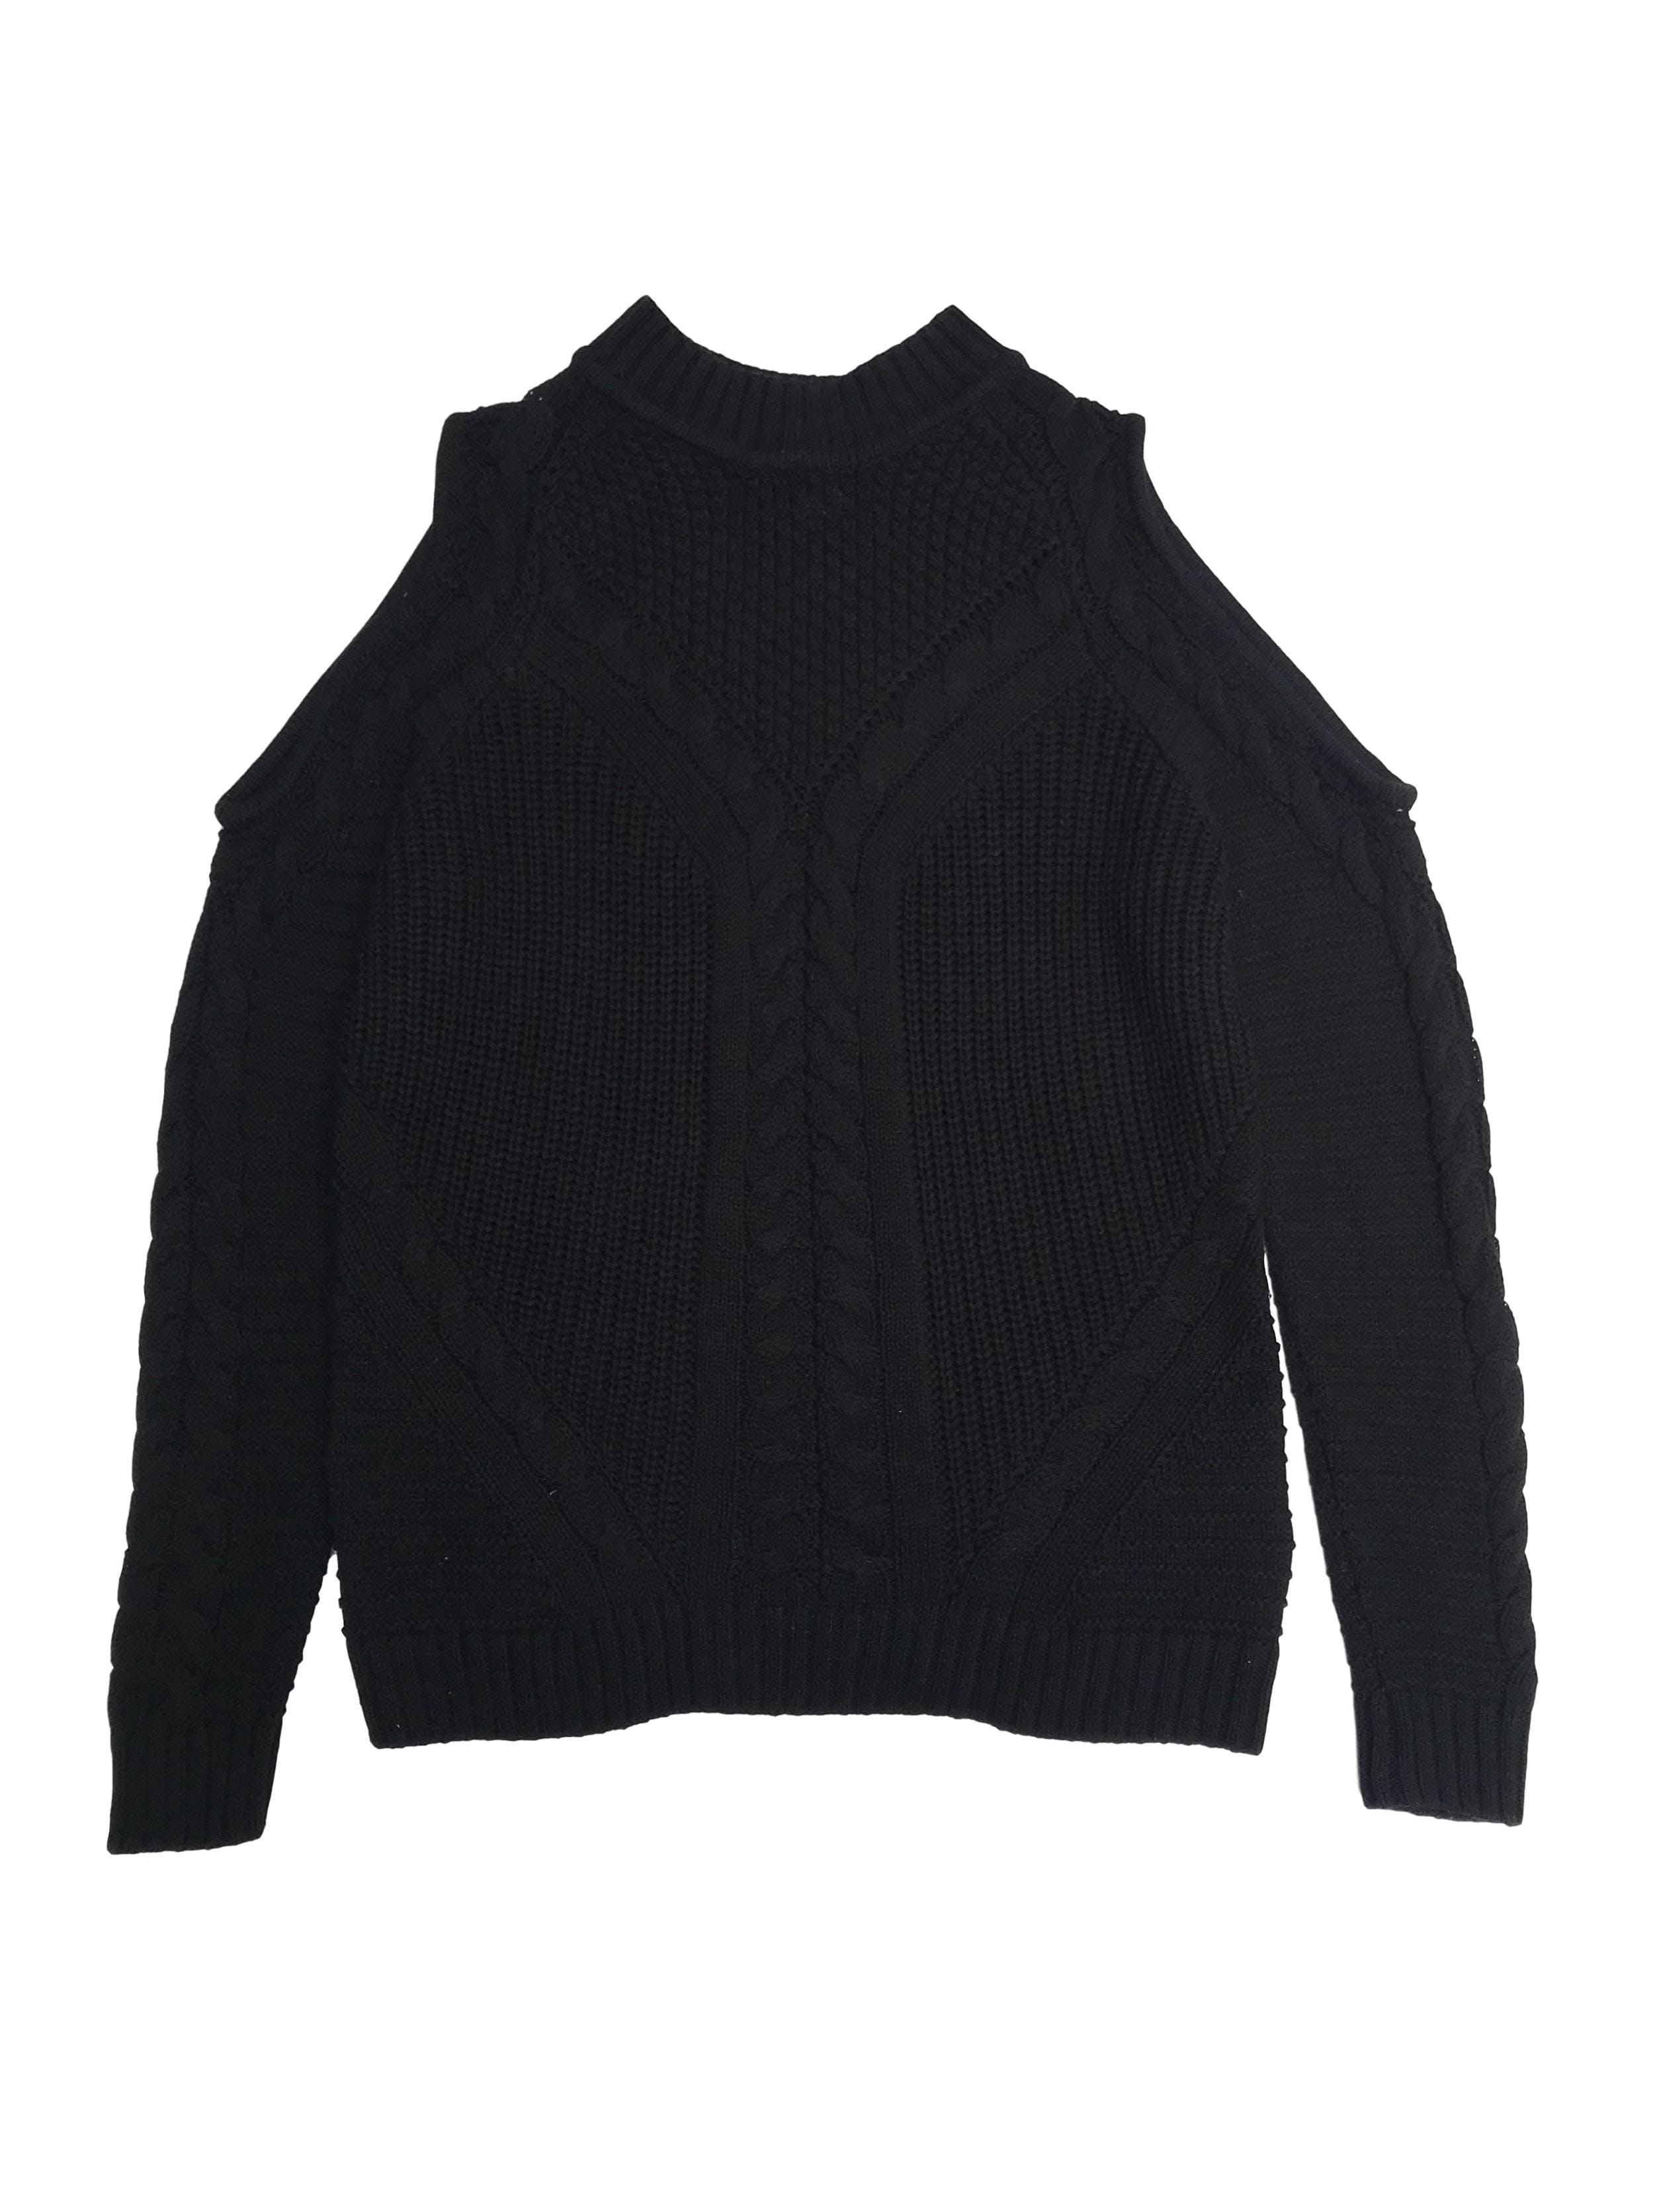 Chompa negra H&M con textura trenzada y hombros descubiertos